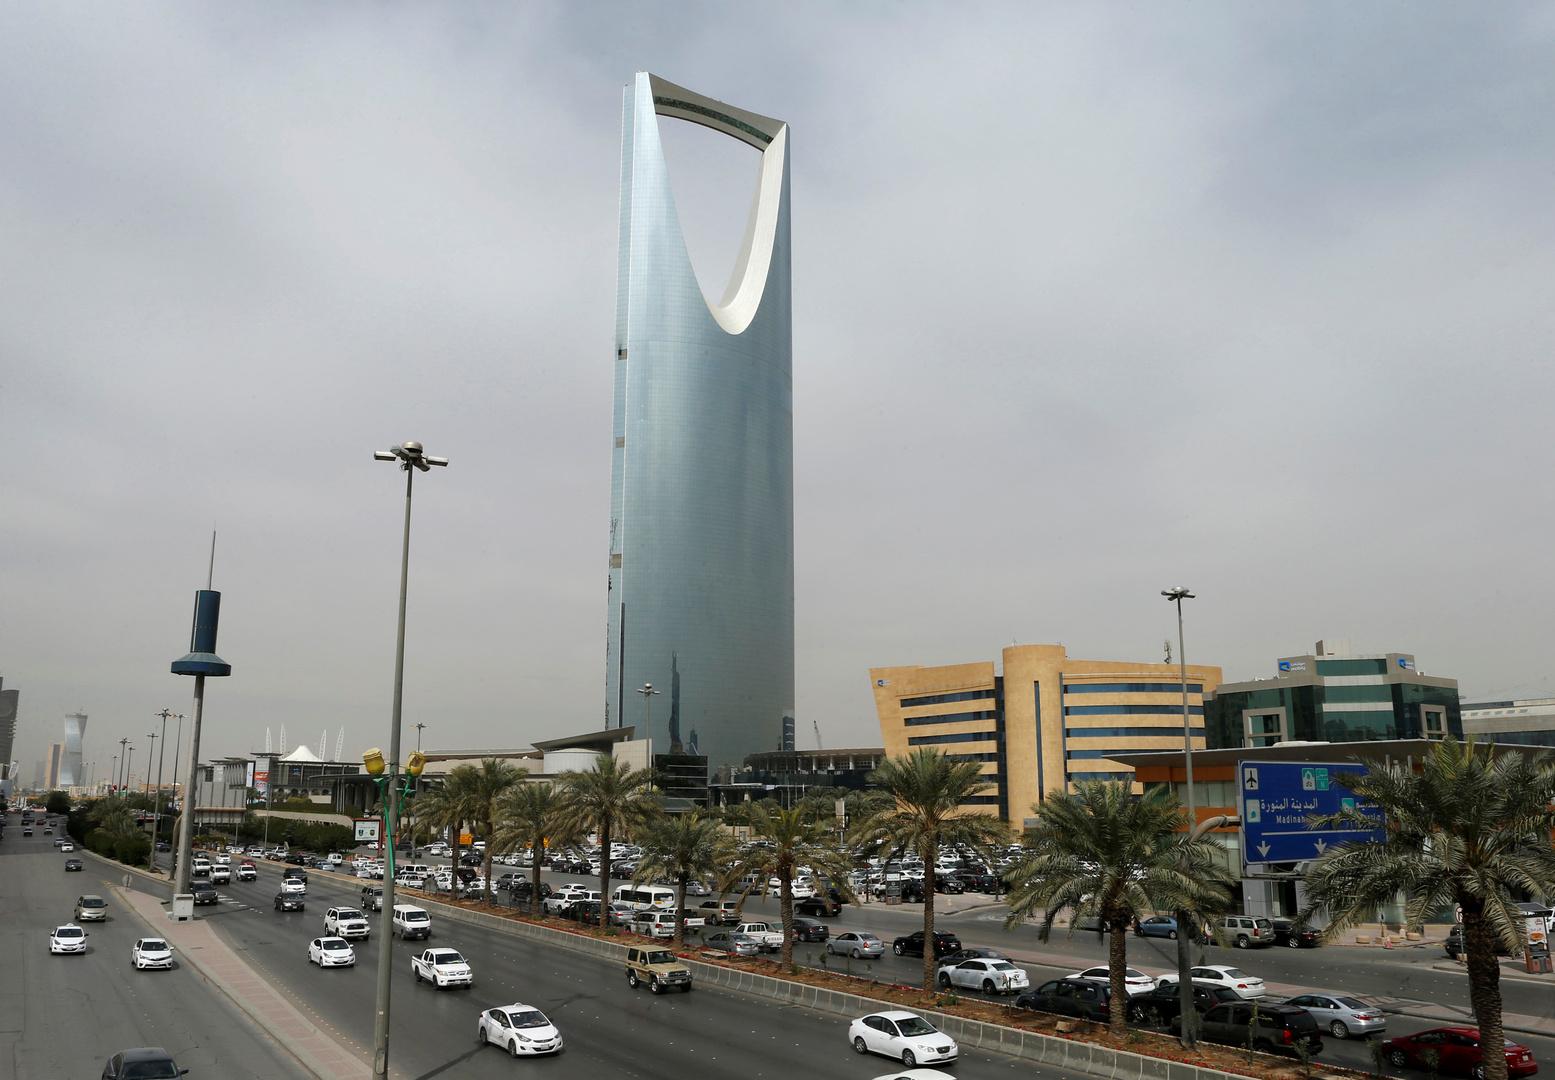 السعودية توافق على إعادة دارسة قضية المهندس المصري المحكوم عليه بالإعدام